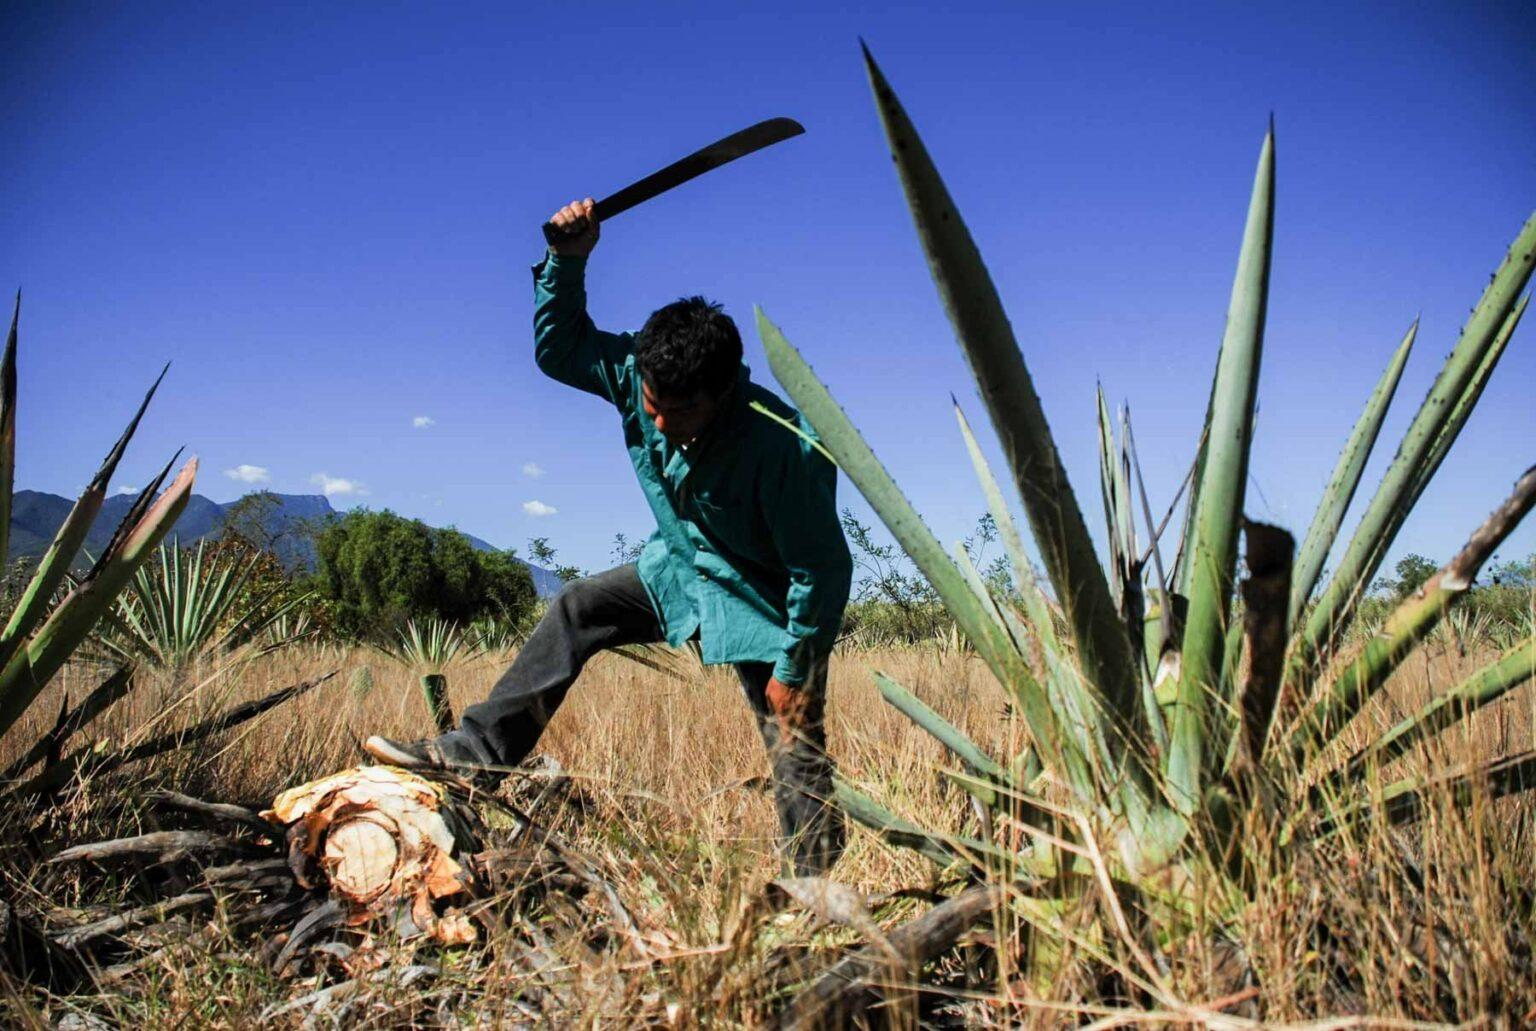 Las nuevas fronteras para la acumulación de la industria del agave en la región mixteca (Oaxaca)